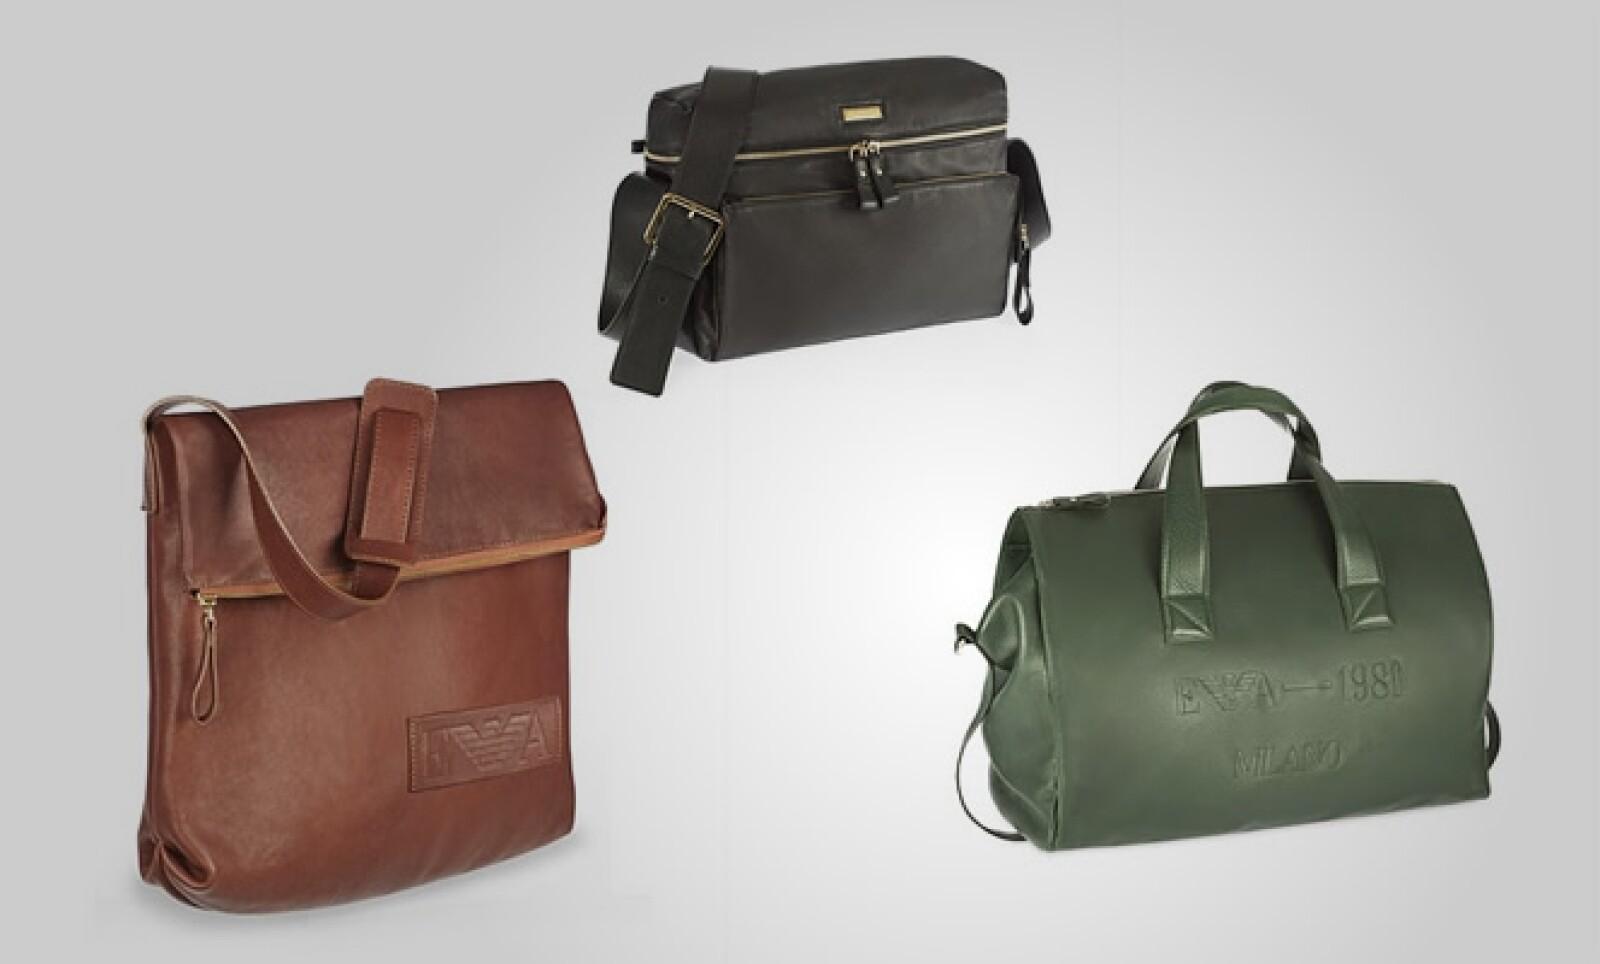 La primera tendencia que propone la firma italiana es mochilas en colores desérticos, fabricadas en piel y con varios compartimentos en su interior.